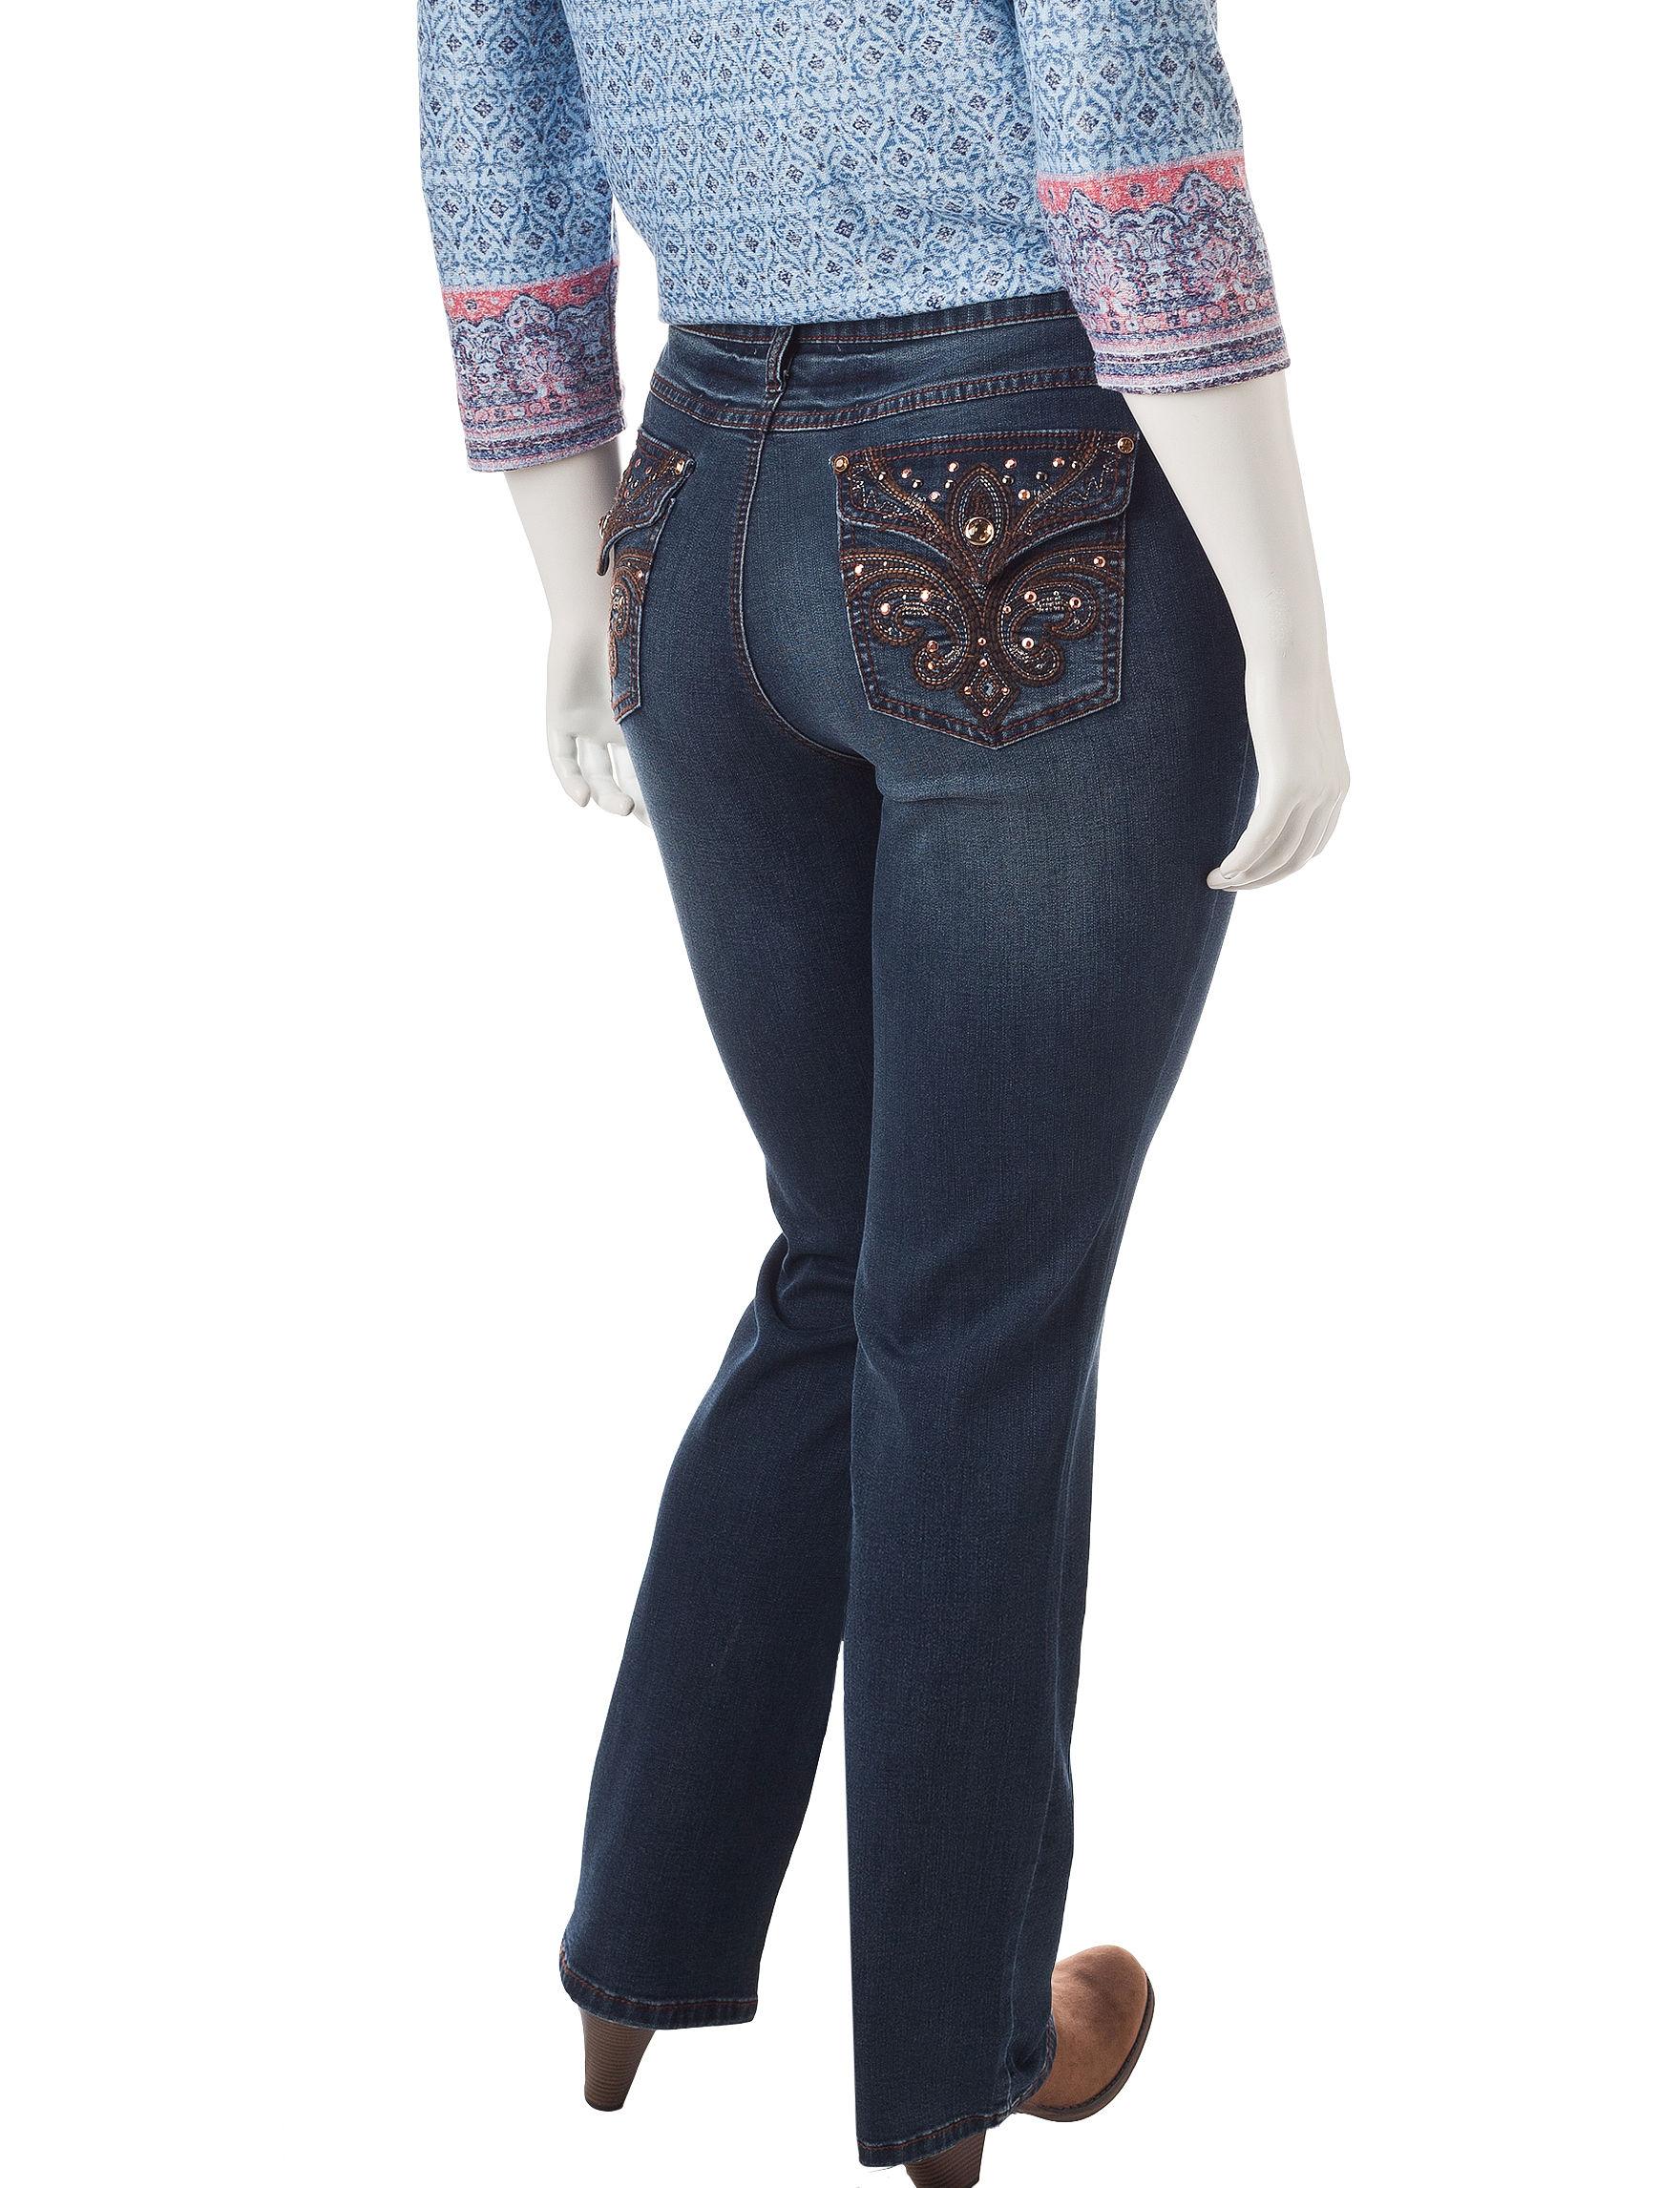 9d991f2feac Earl Jean Plus-size Fleur De Lis Bootcut Jeans